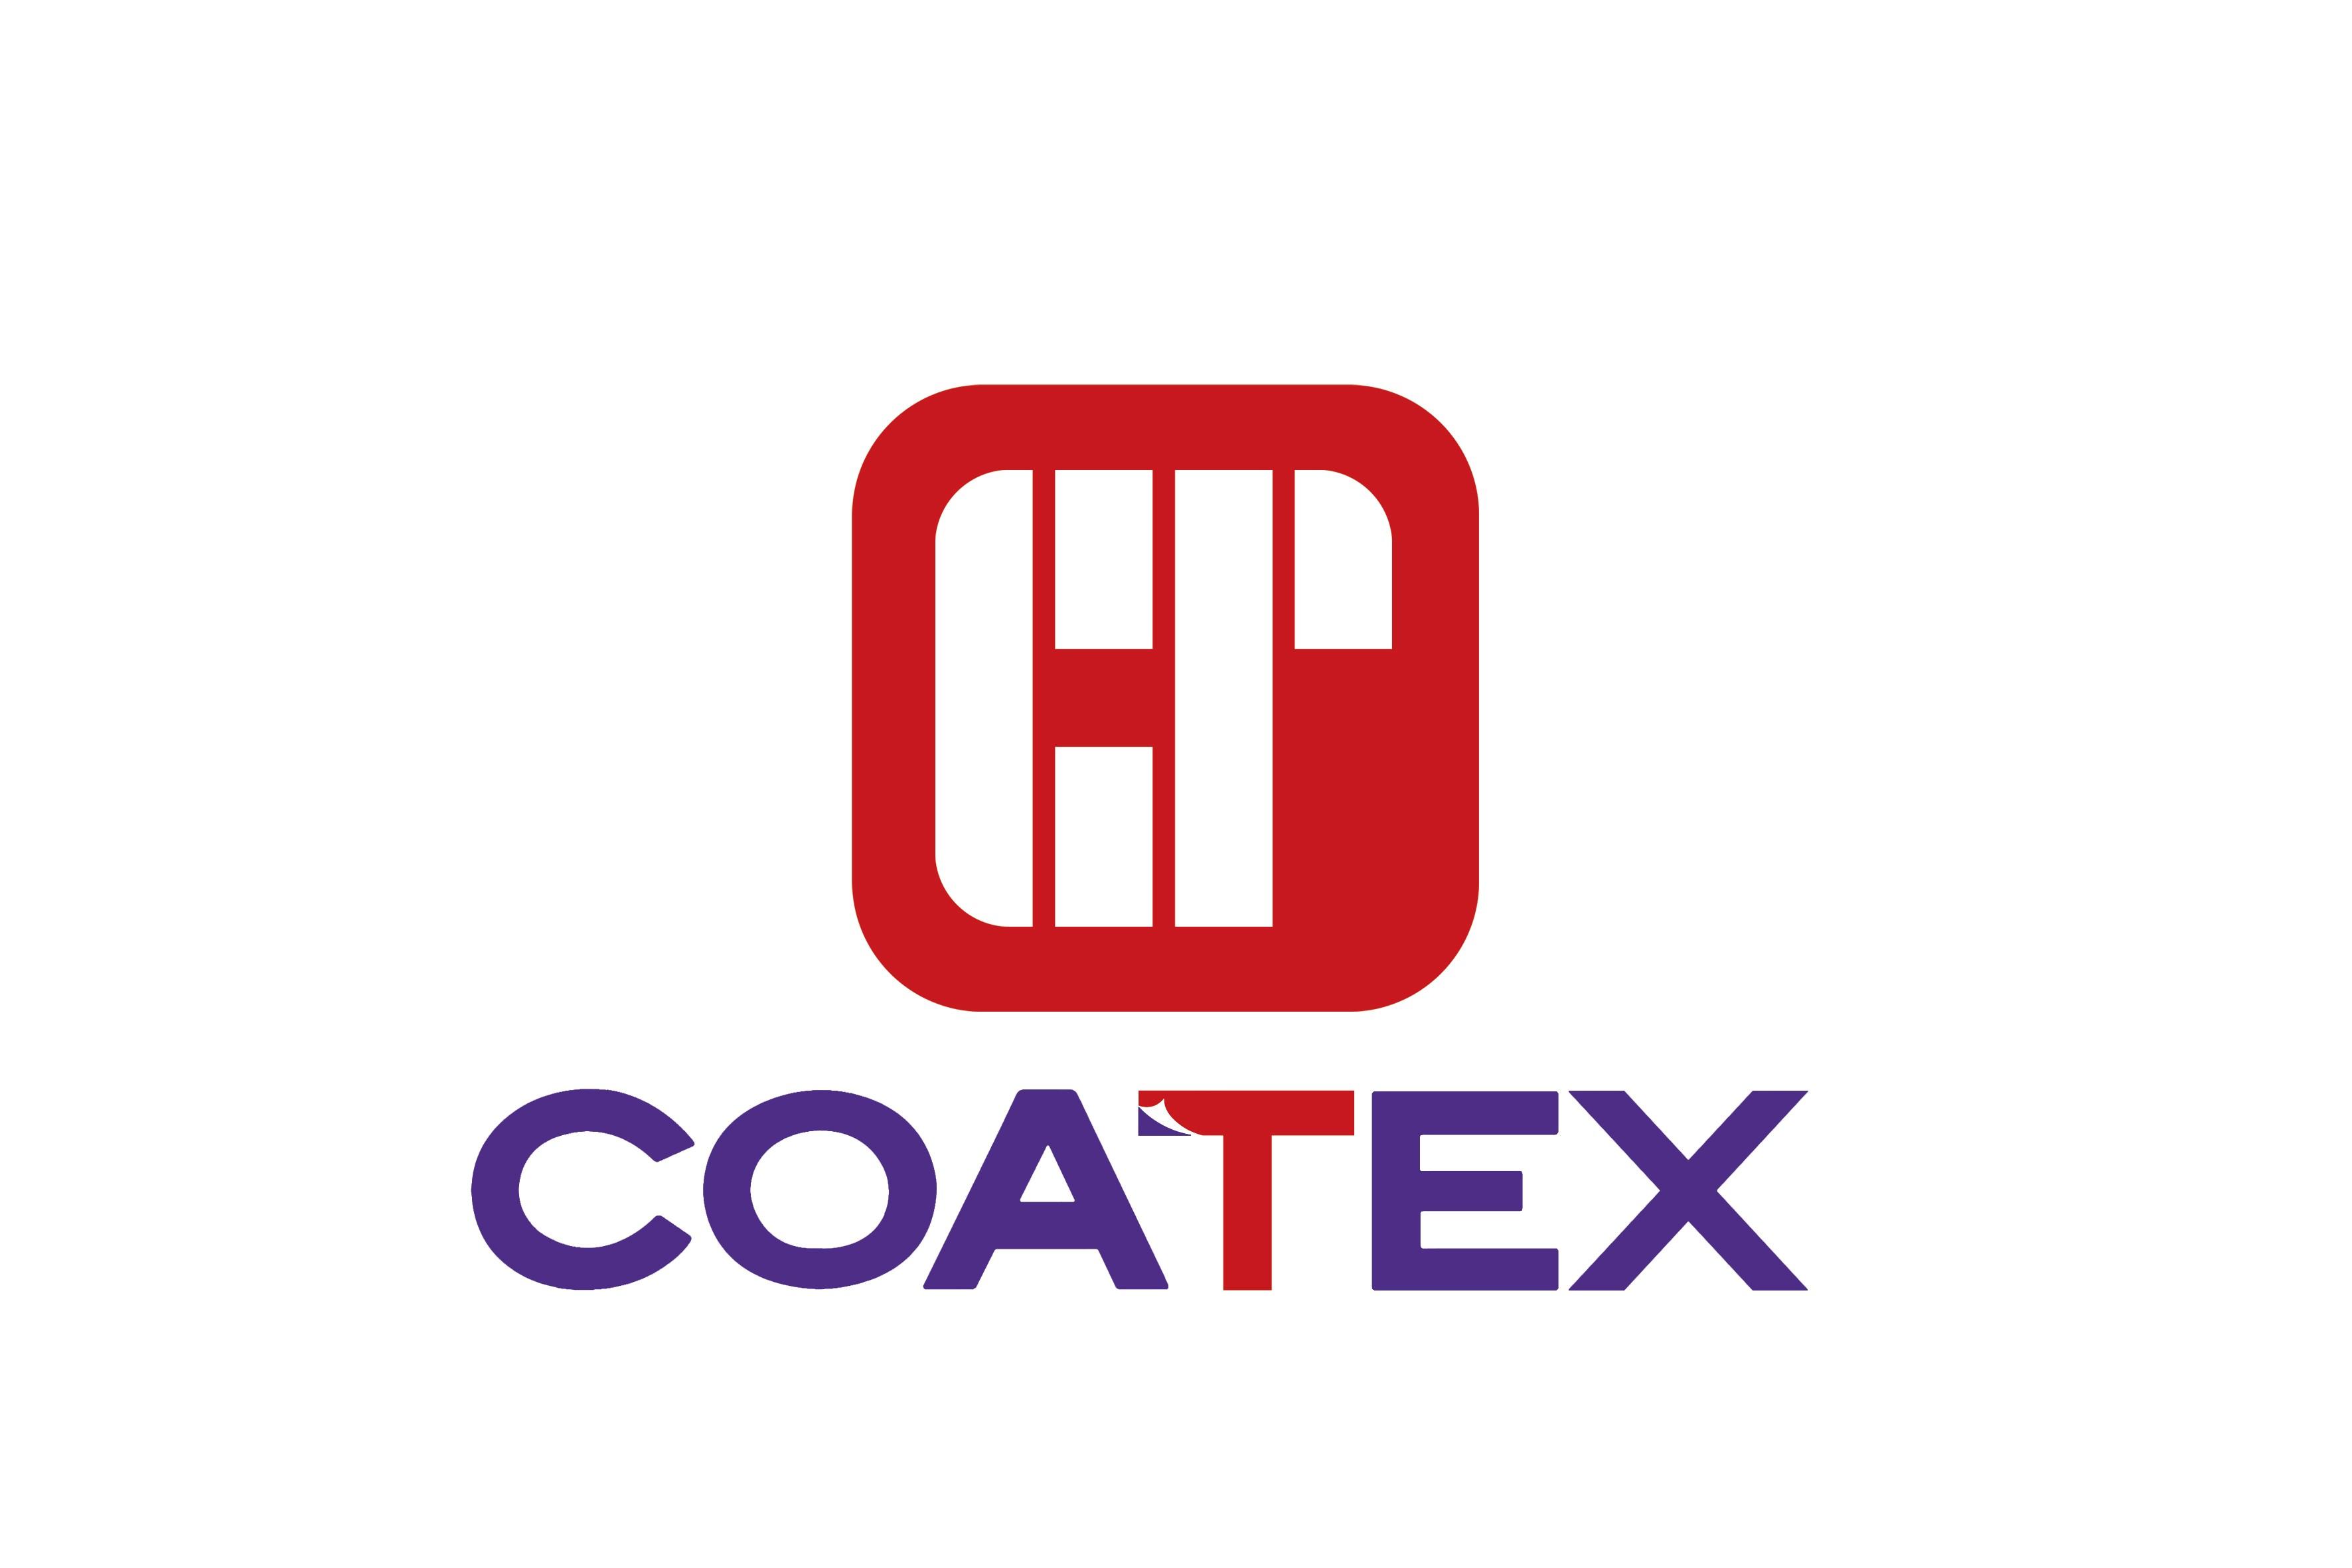 Coatex Technology LLC